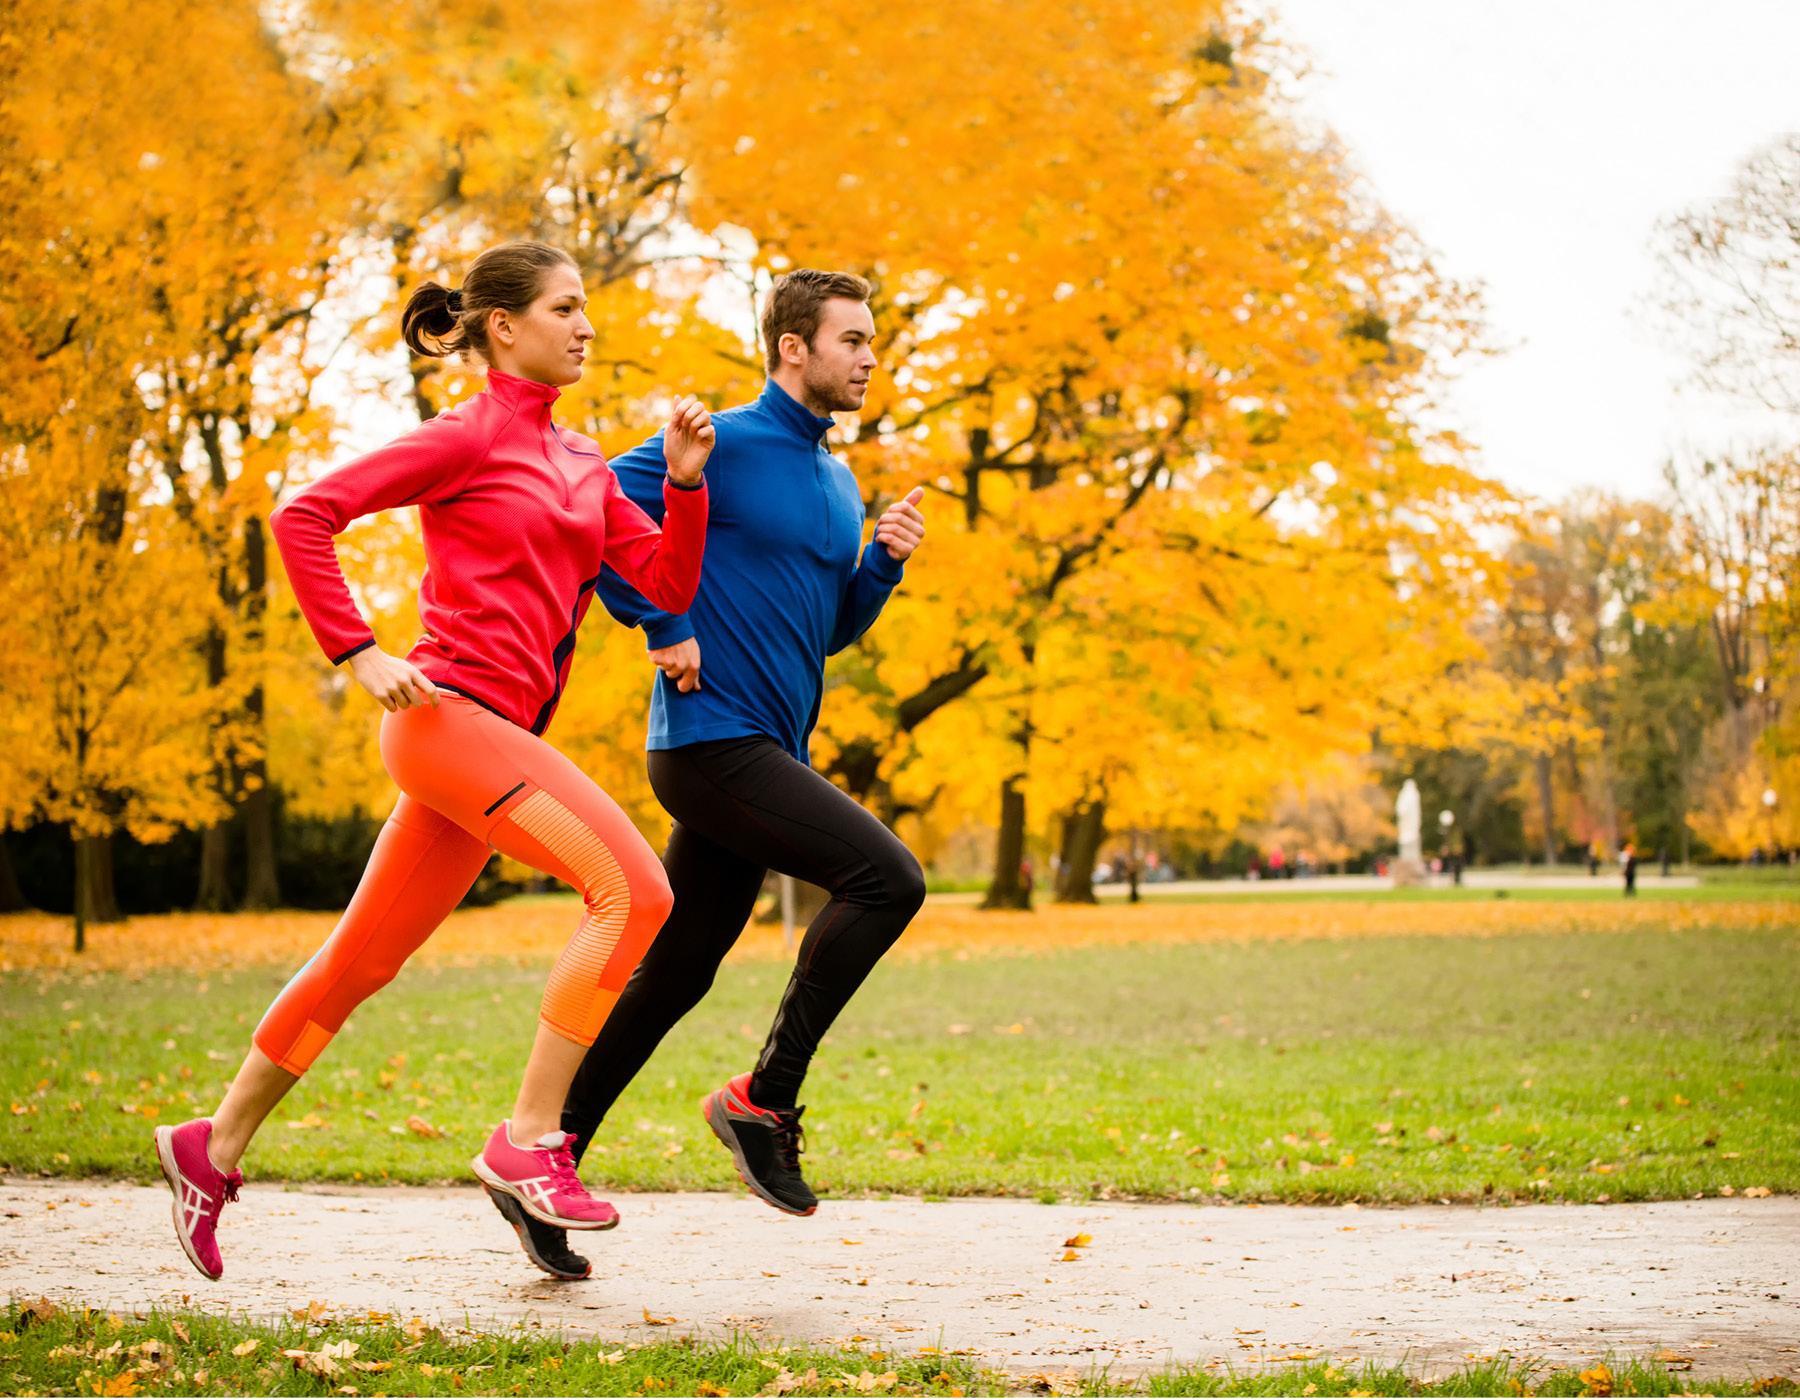 отличия между мужчинами и женщинами спортсменами